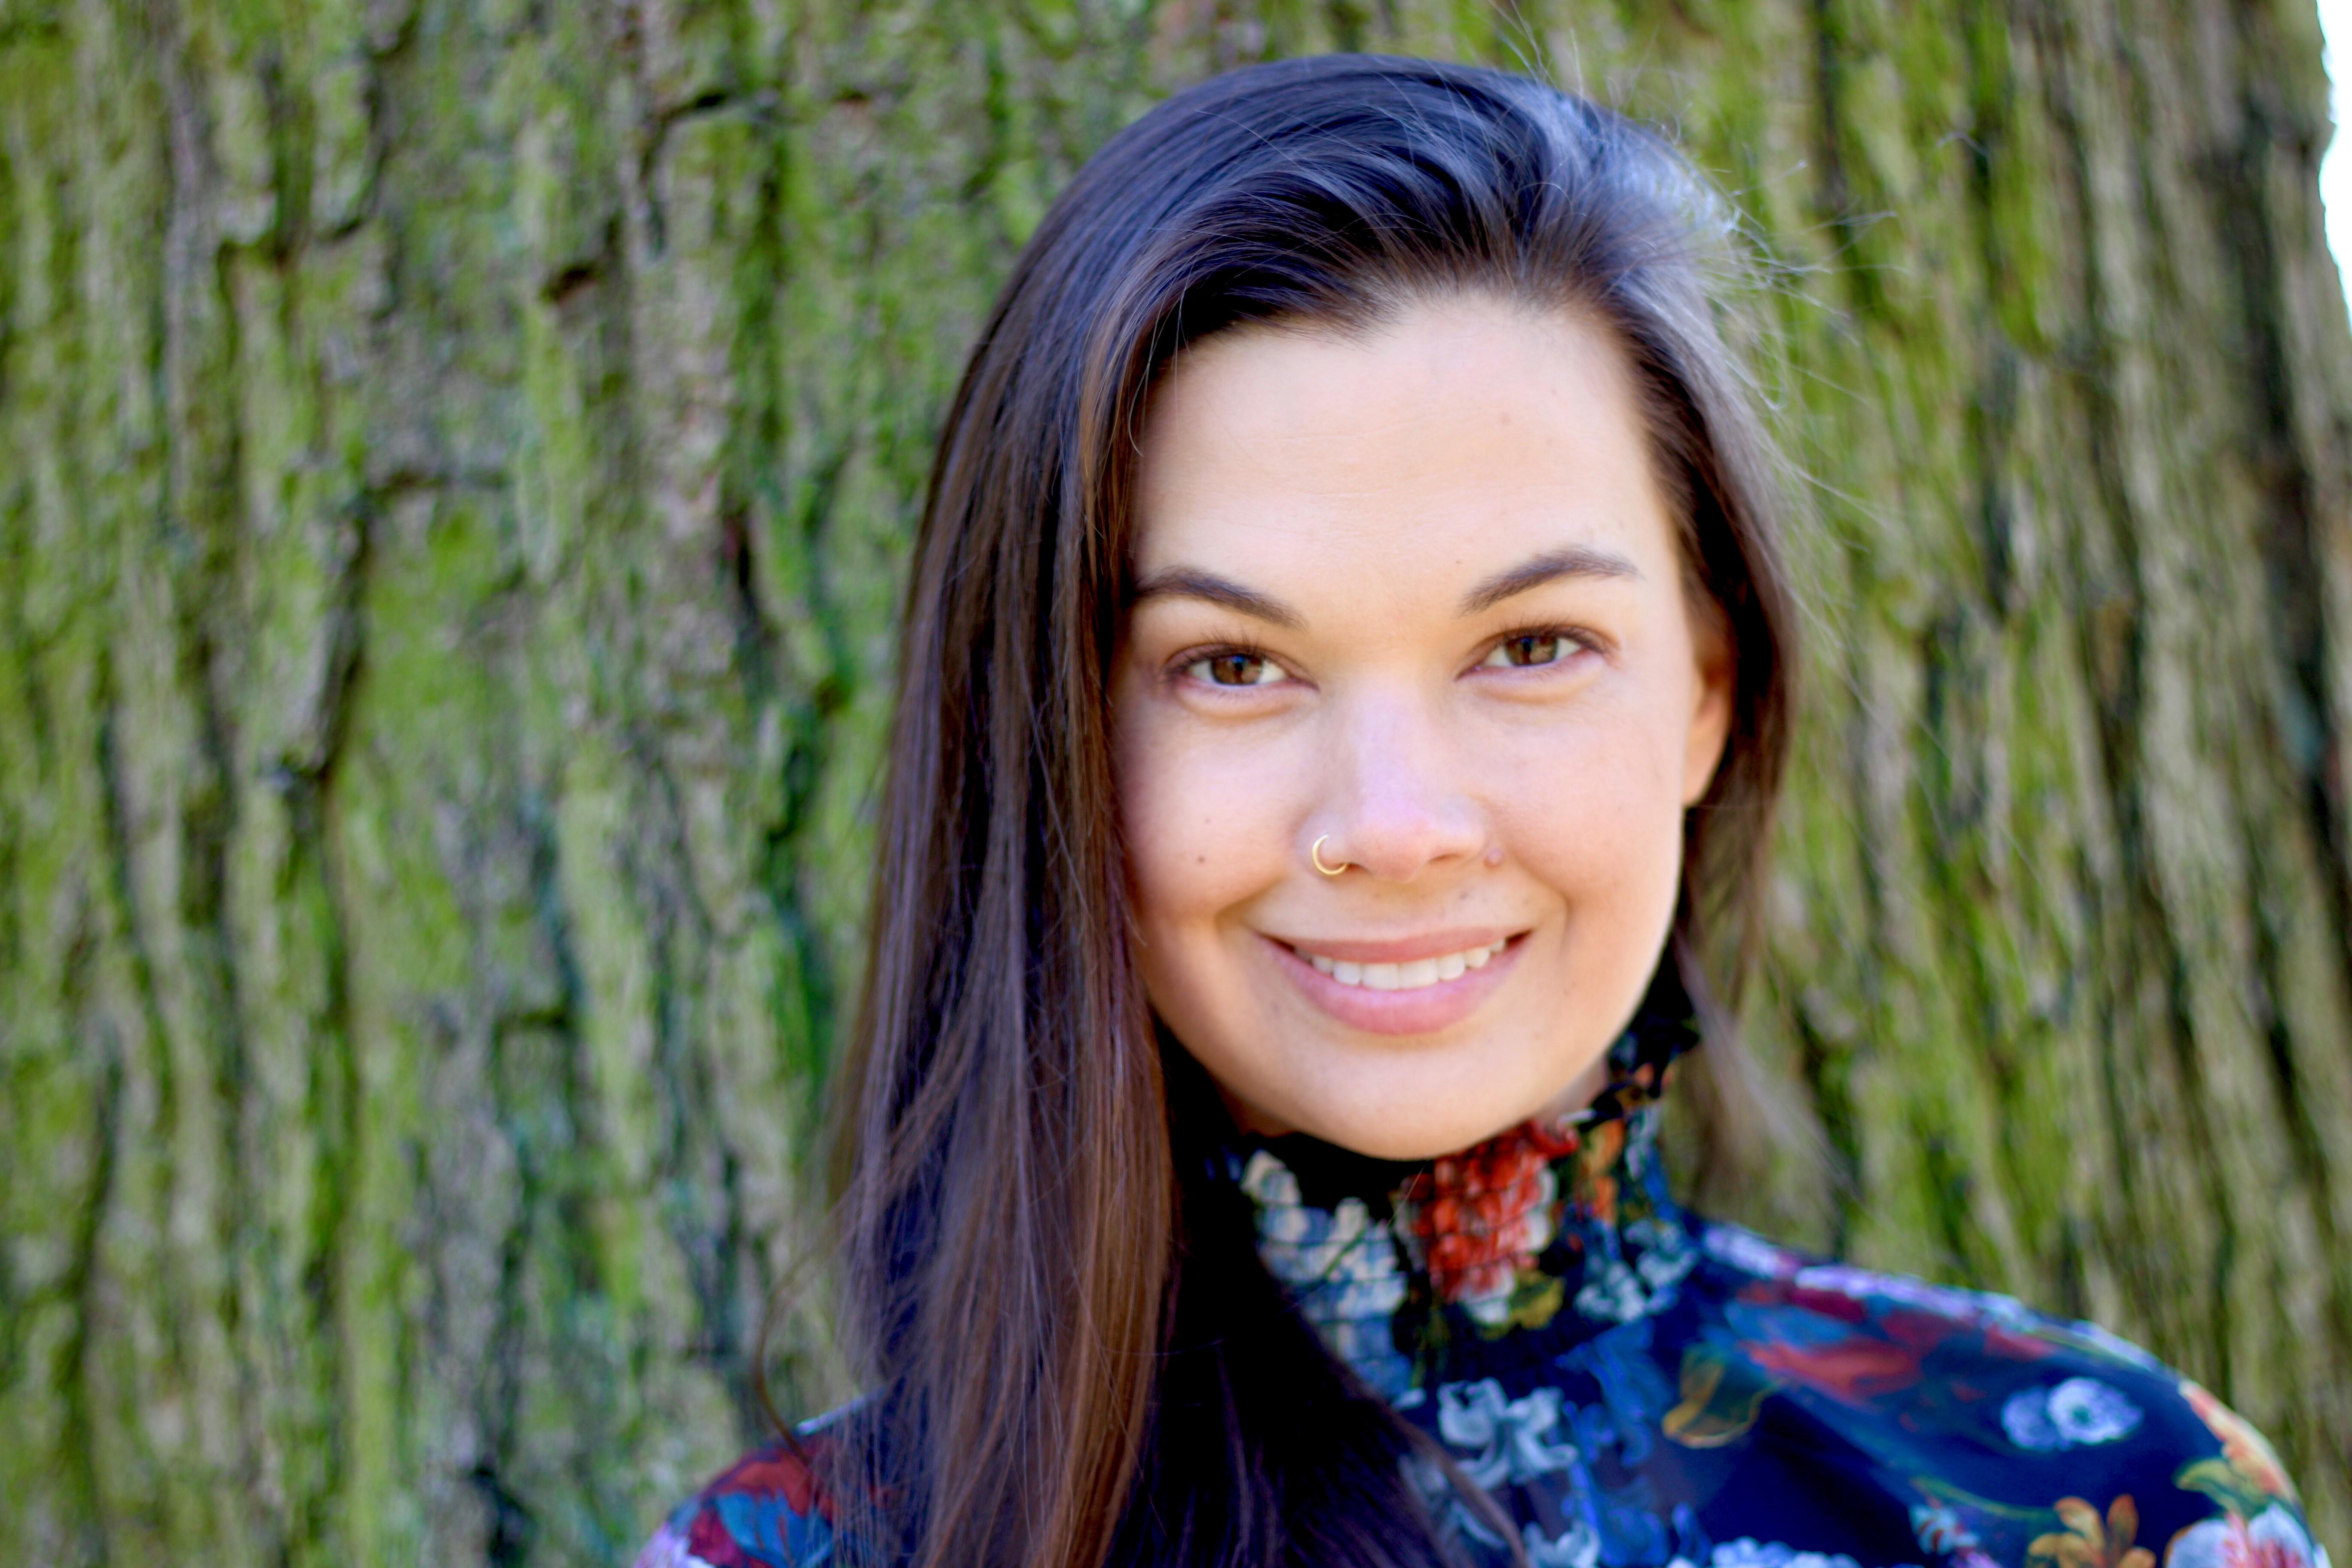 Amana Van Staden